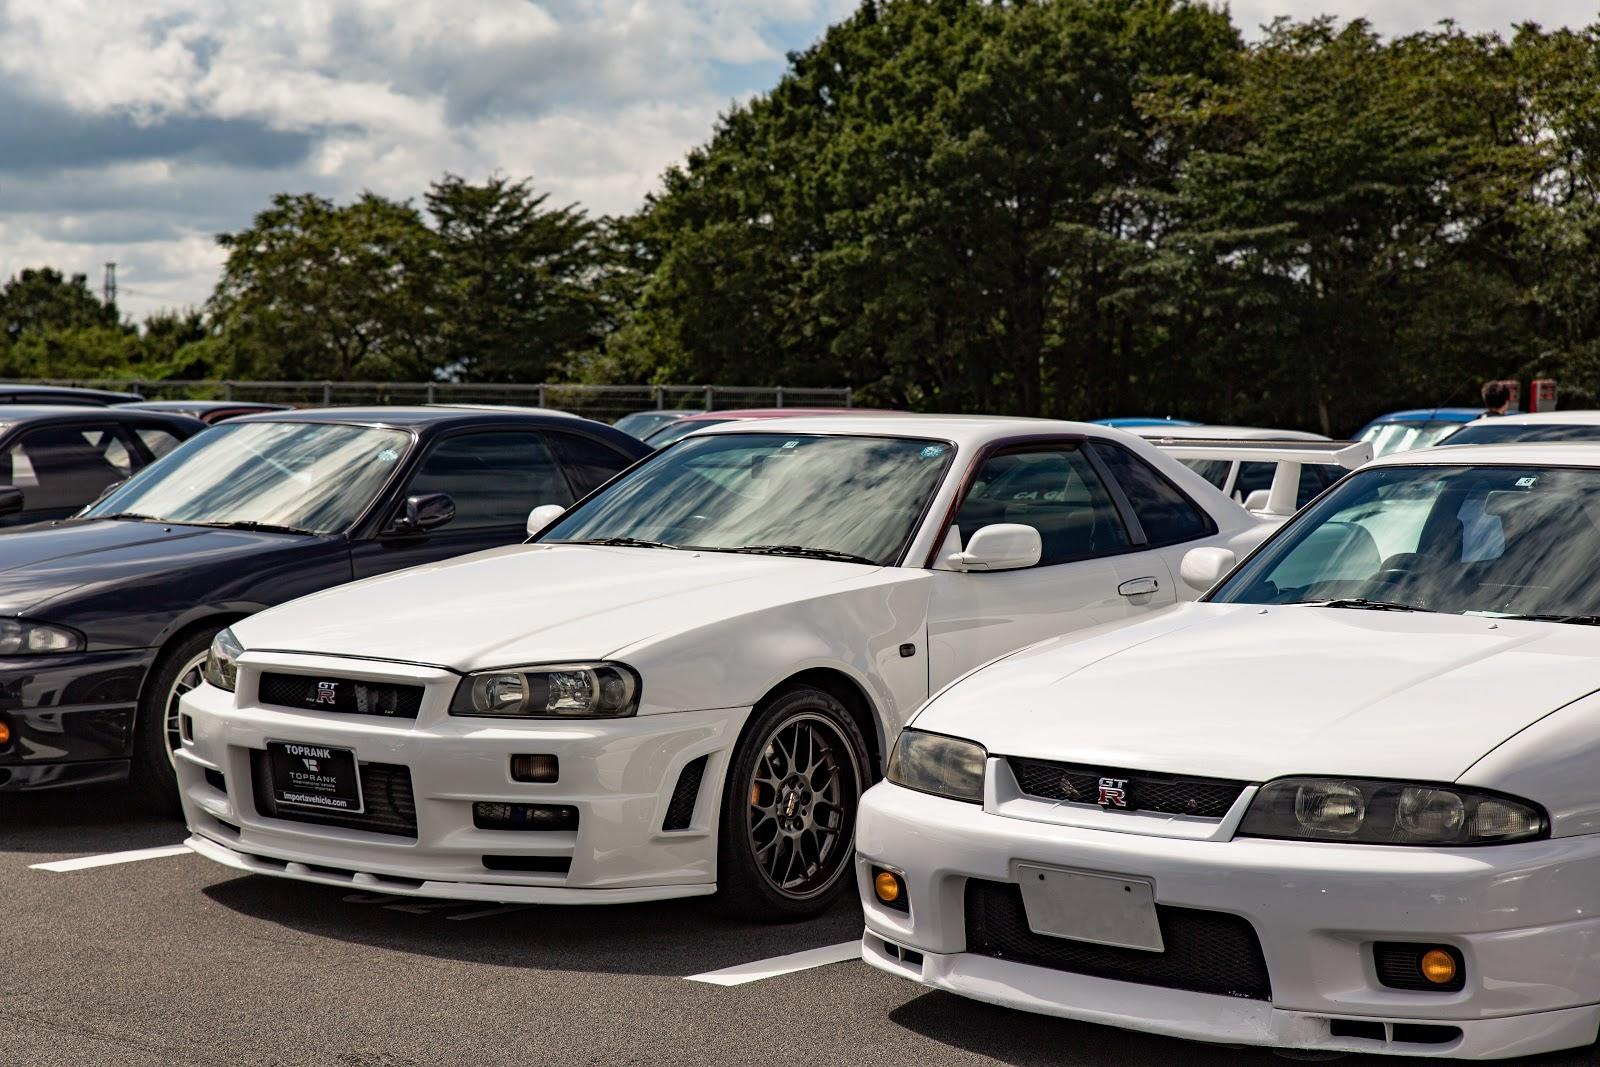 BG5A0617 Edit Όταν συγκεντρώθηκε ένας... στρατός από Nissan GT-R Fuji Speedway, Nissan, Nissan GT-R, Nissan GT-R NISMO, Nissan GT-R NISMO GT3, video, videos, zblog, βίντεο, πίστα, ΦΩΤΟ, φωτογραφίες